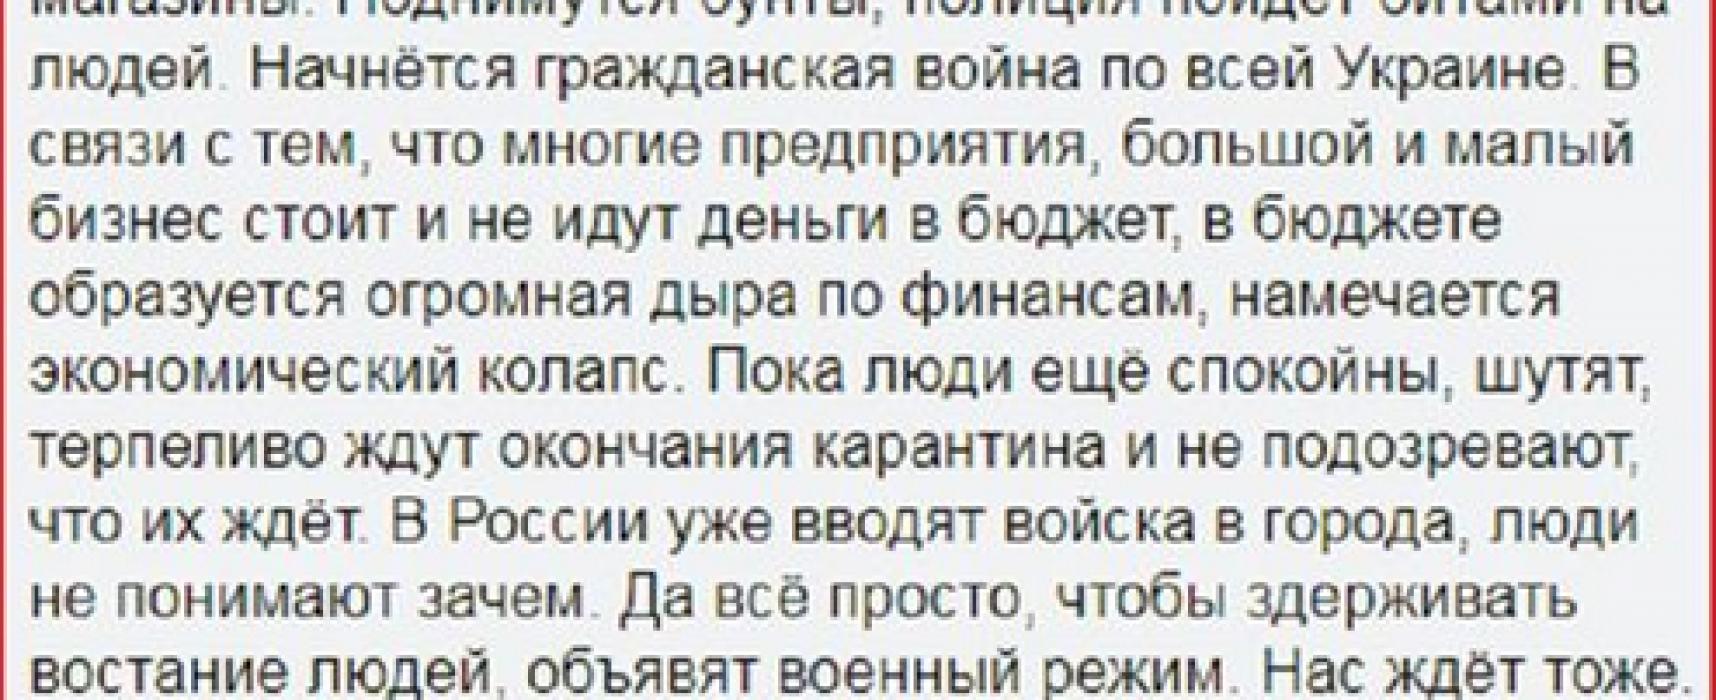 Фейк: Через карантин і економічний колапс в Україні розпочнеться громадянська війна